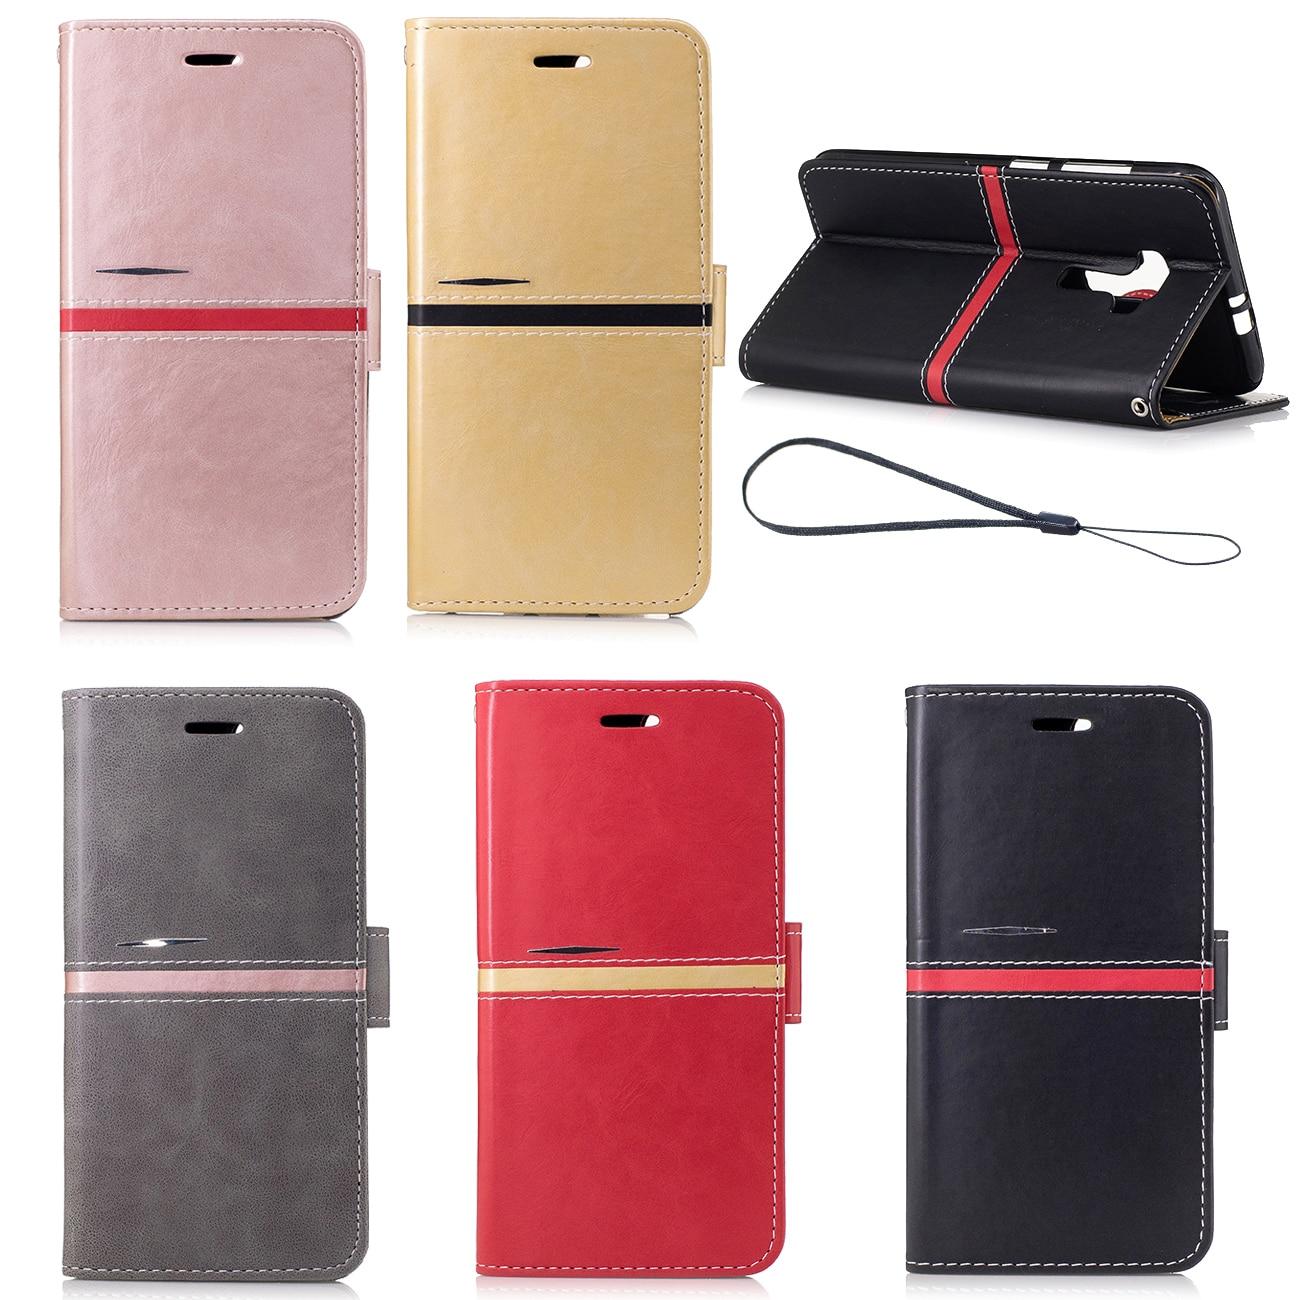 Искусственная кожа флип Чехлы мешок для Asus Zenfone 3 ZE552KL мягкие Бумажник Обложки с ID слота ремешок 5.5 inchess телефон оболочки